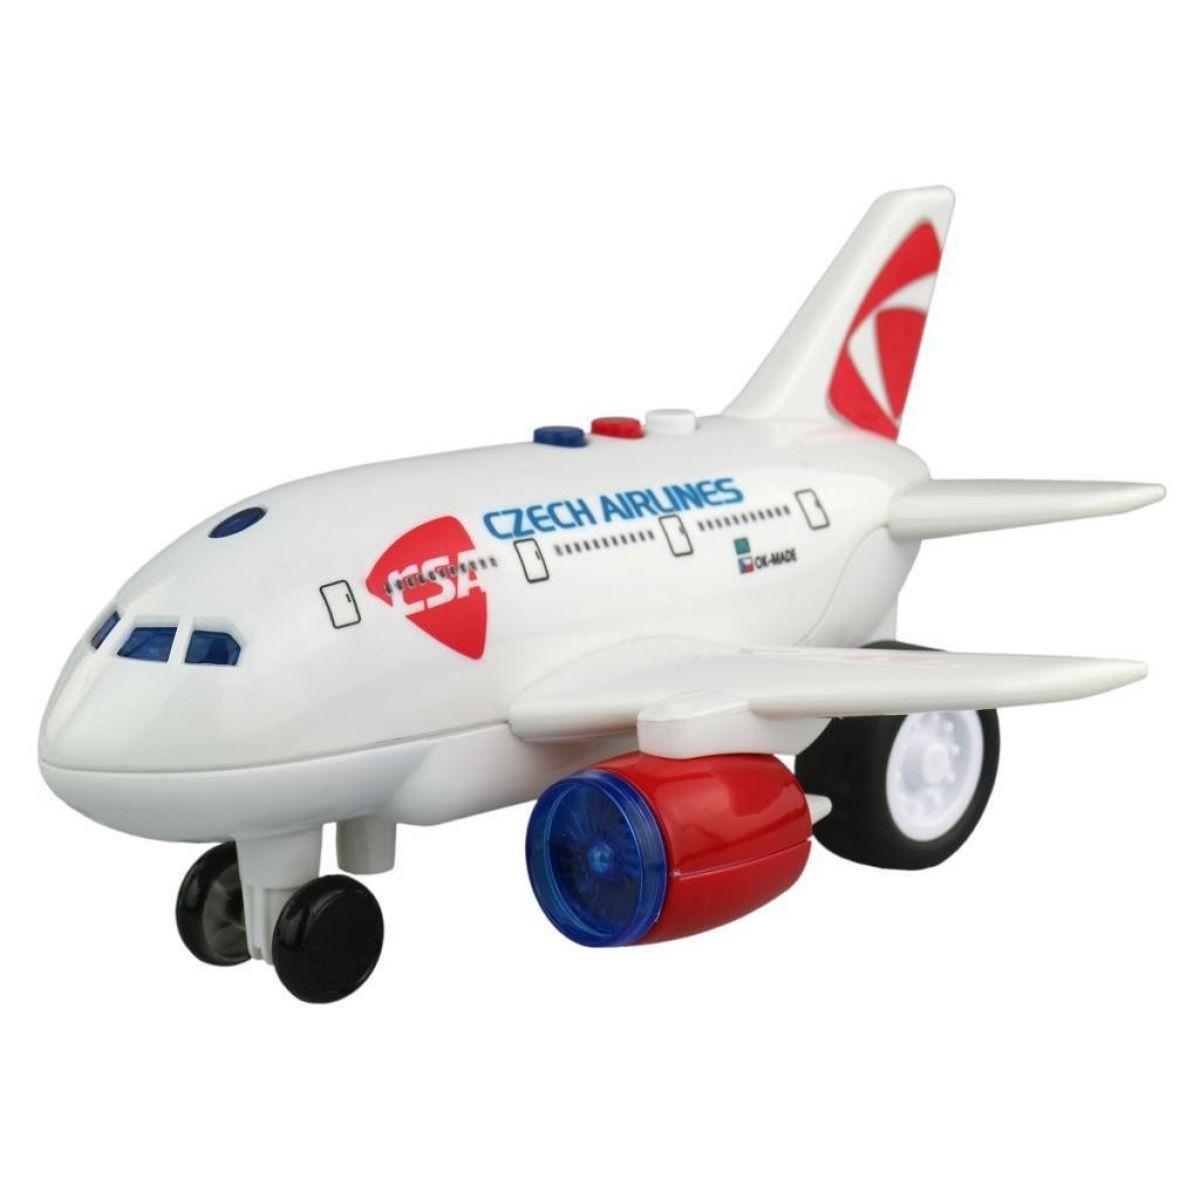 Lietadlo ČSA s hlásením kapitána